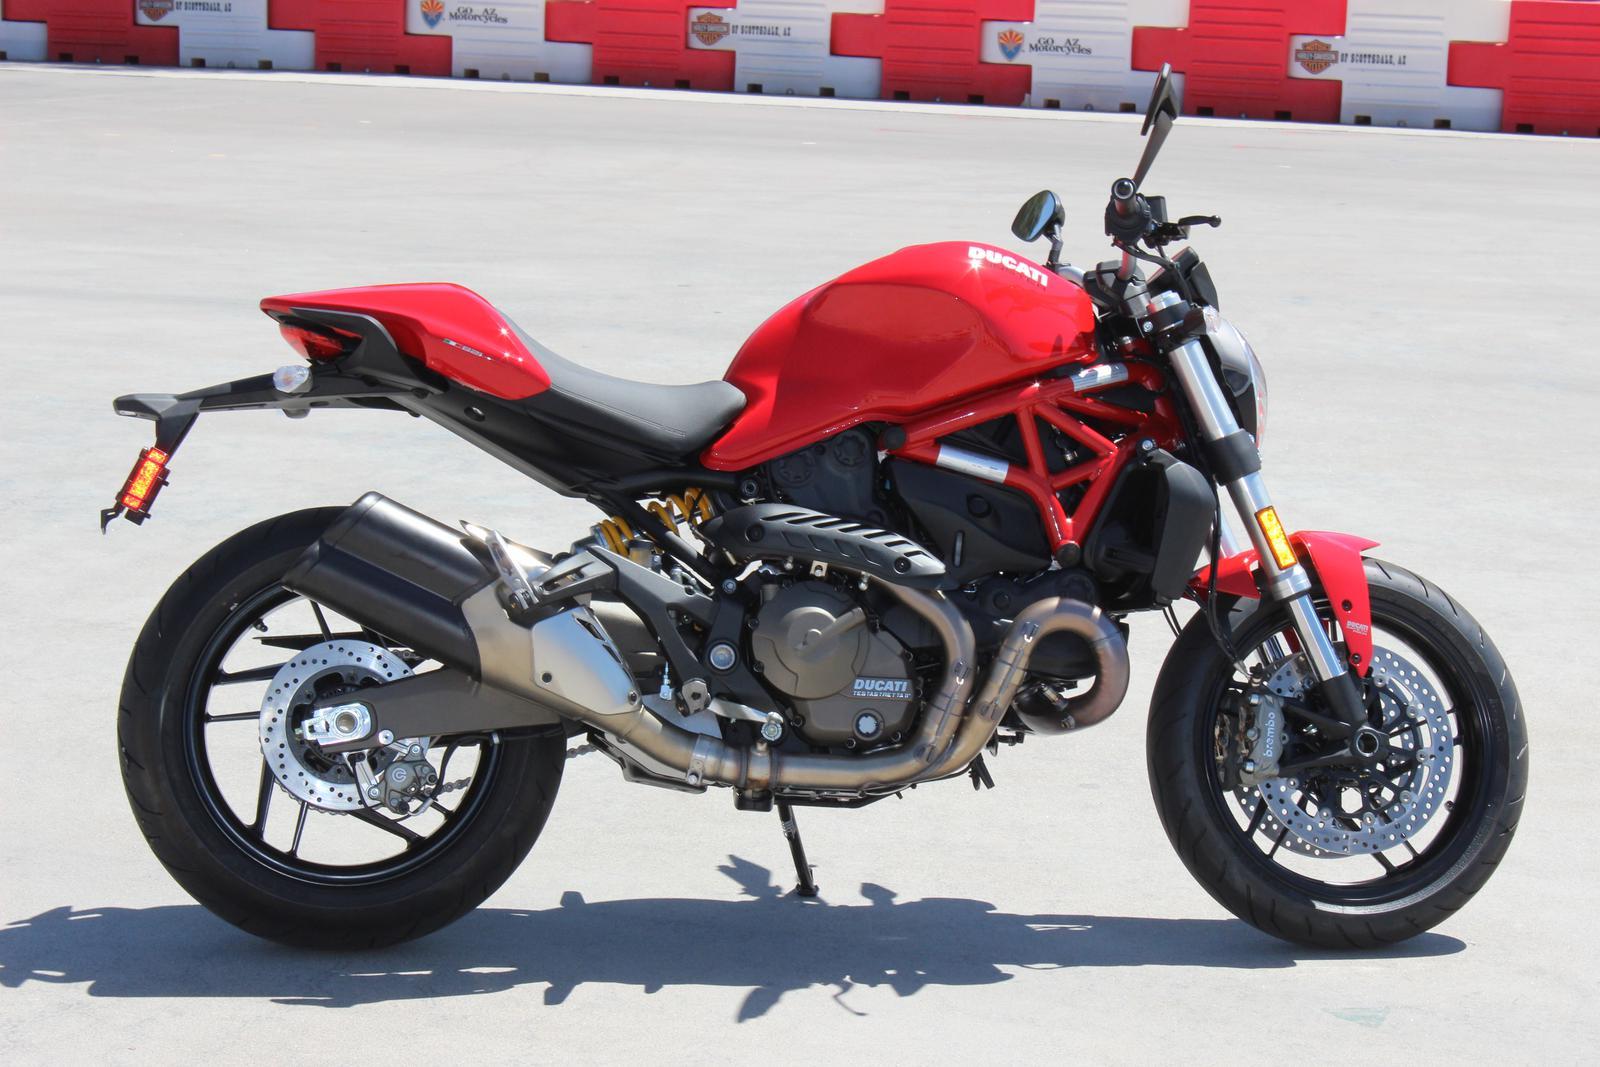 2017 Ducati MONSTER 821 (21)